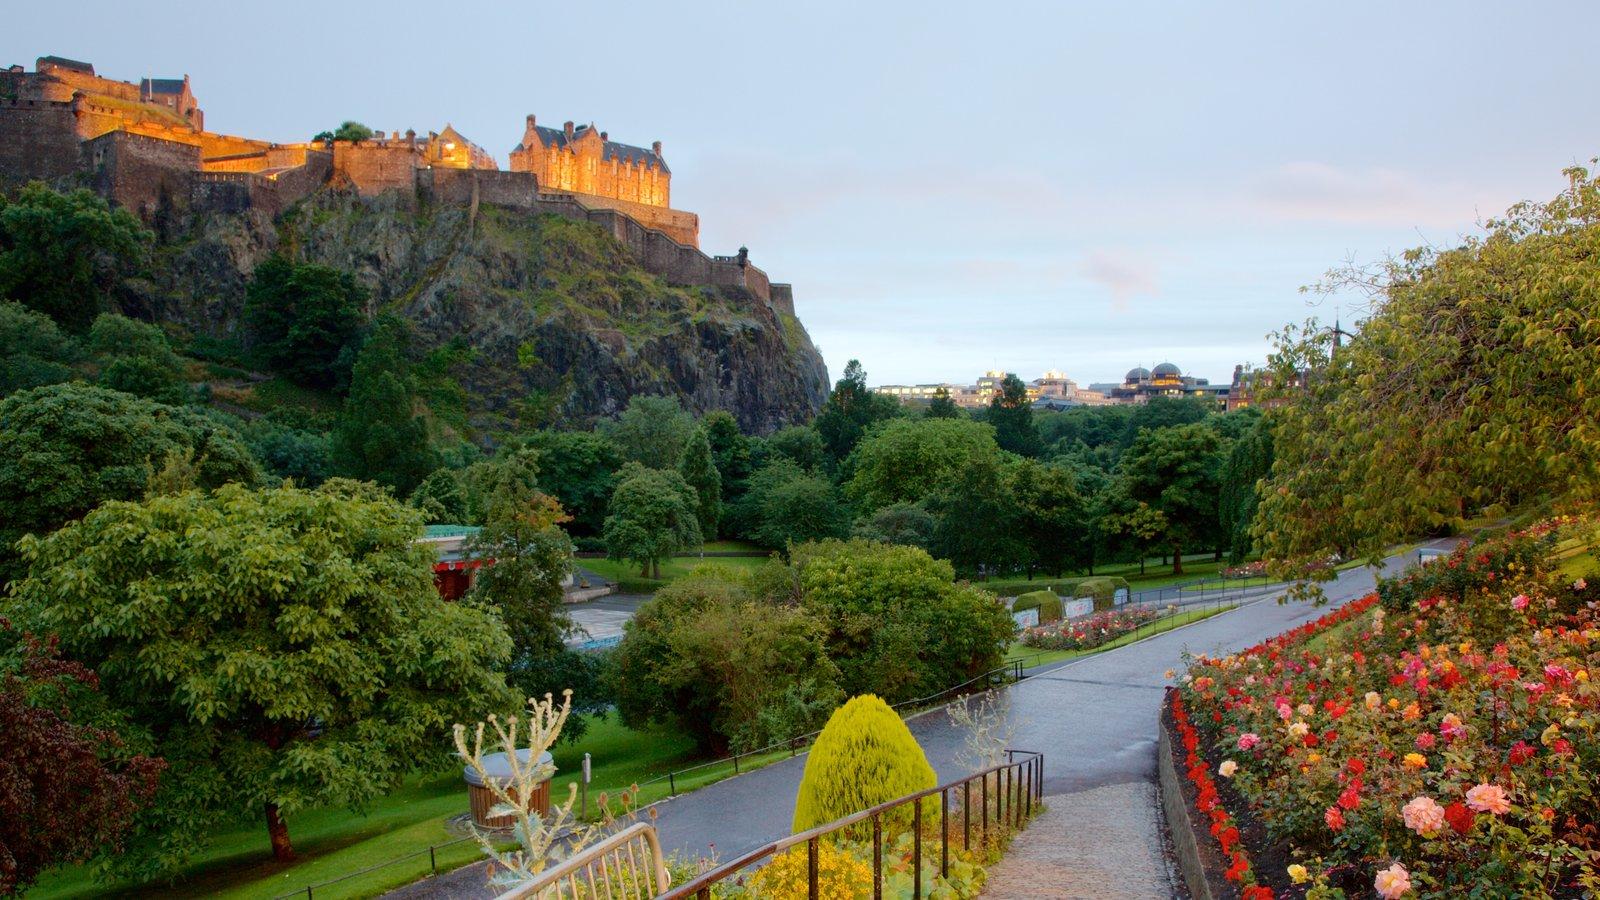 Edinburgh Castle which includes a park